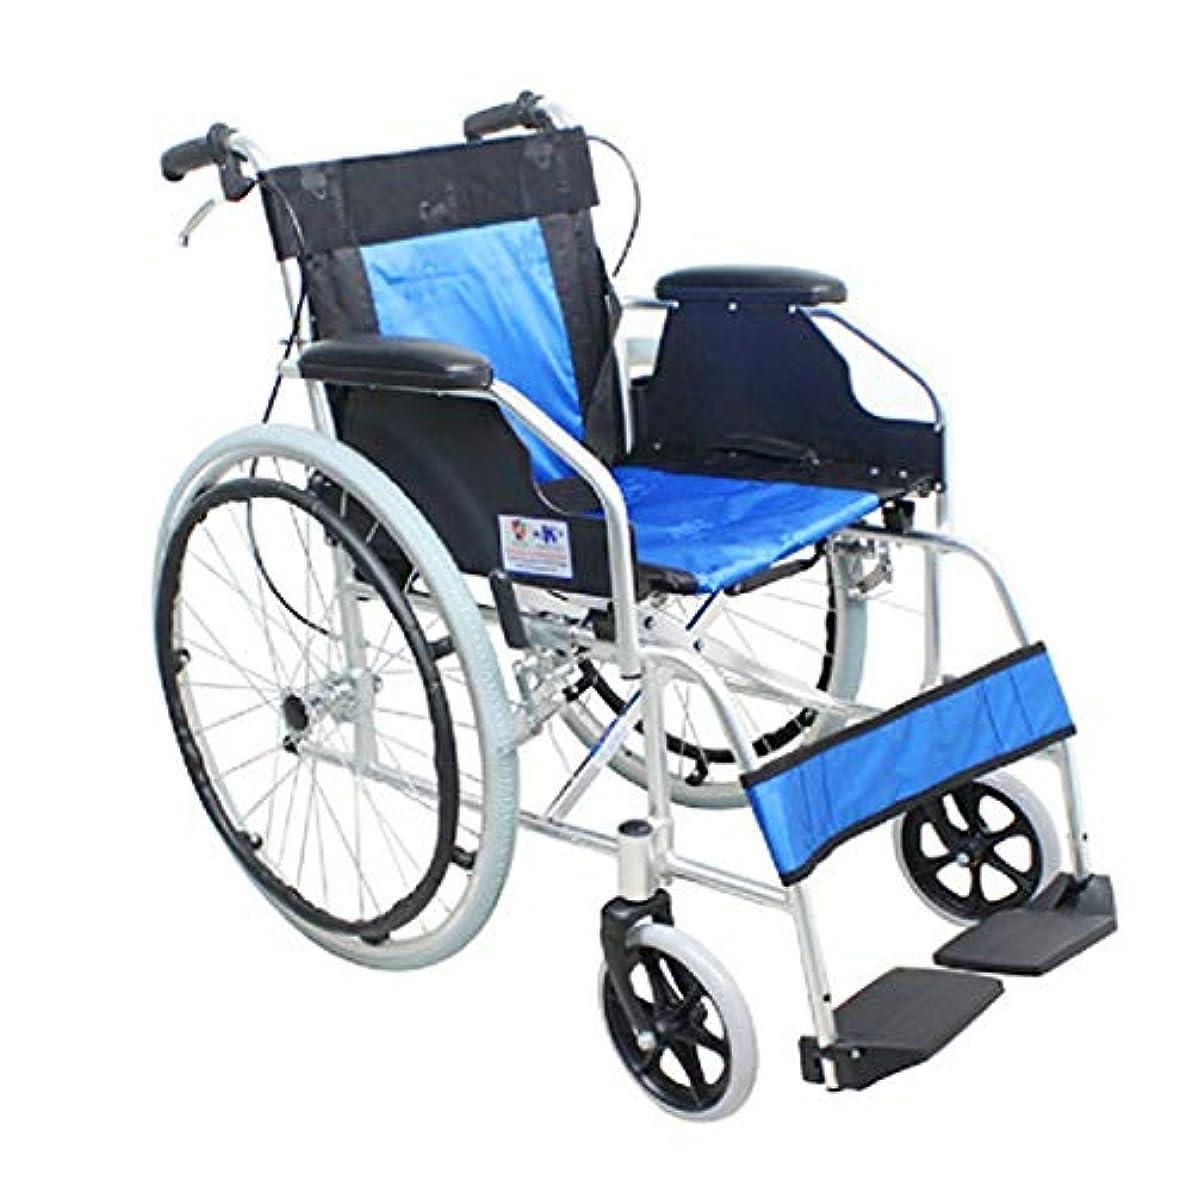 積分雰囲気拷問アルミ合金車椅子折りたたみポータブル障害者高齢者車椅子4ブレーキデザインバックストレージバッグ